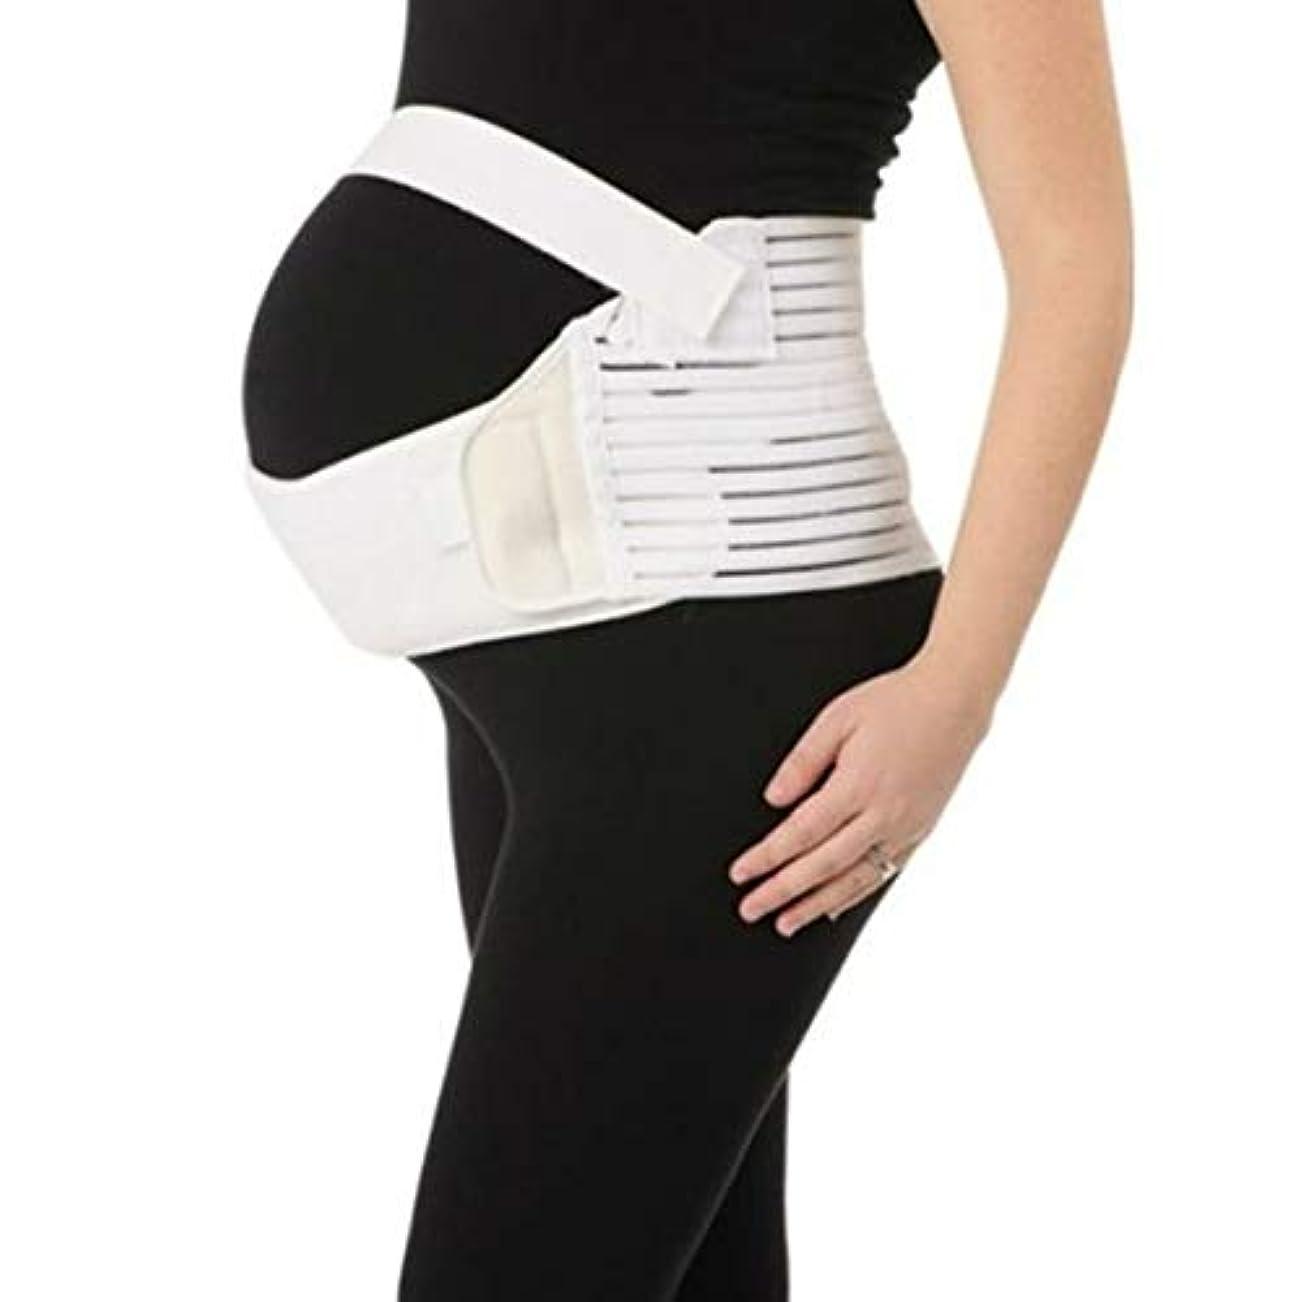 区別する税金膨らみ通気性産科ベルト妊娠腹部サポート腹部バインダーガードル運動包帯産後の回復形状ウェア - ホワイトM